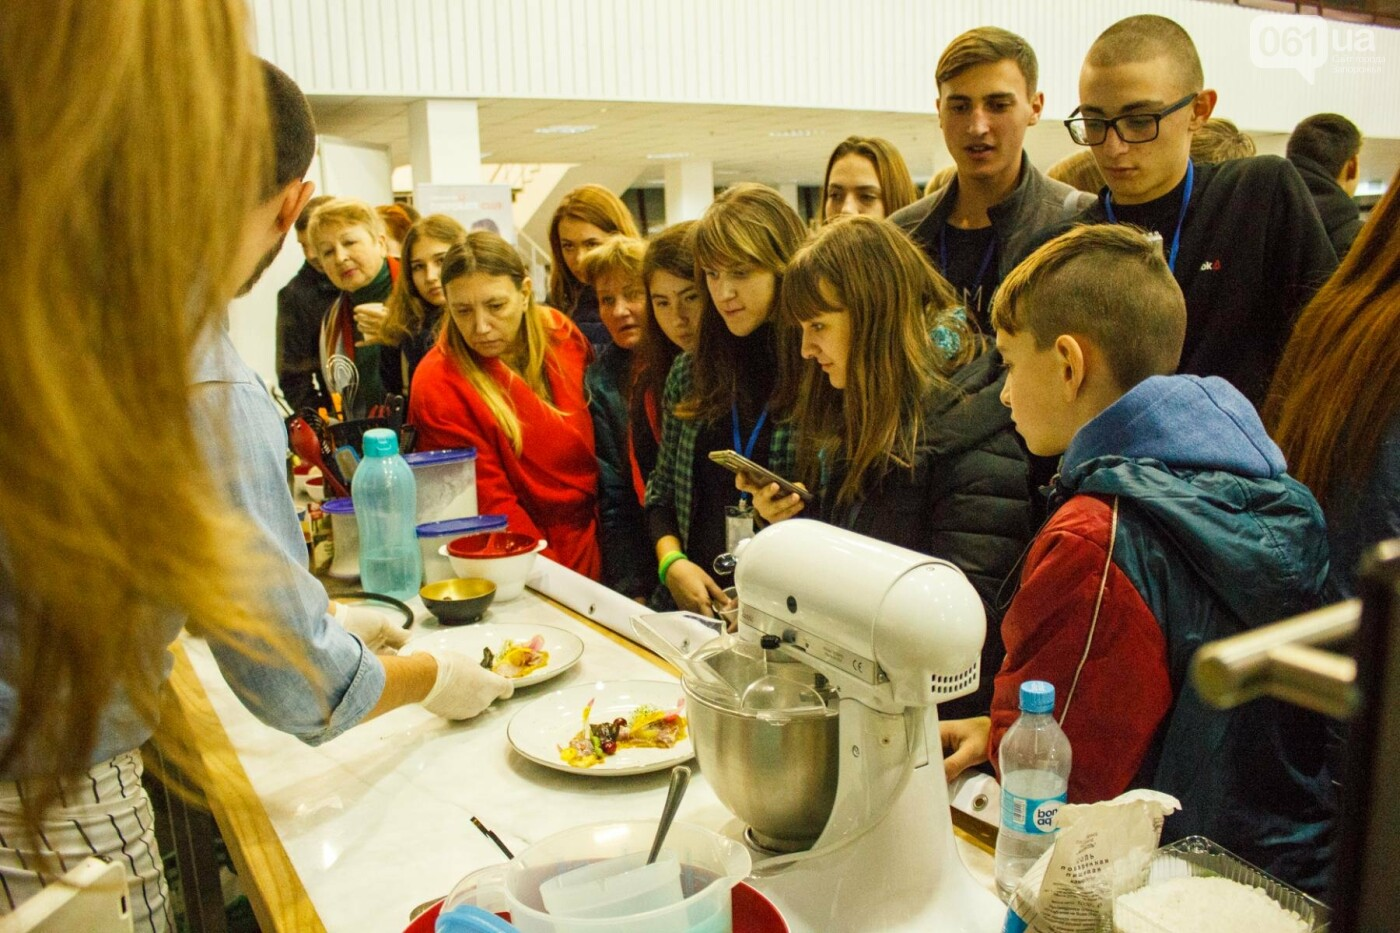 Шеф-повара запорожских ресторанов провели мастер-класс для горожан: как это было, - ФОТОРЕПОРТАЖ, фото-79